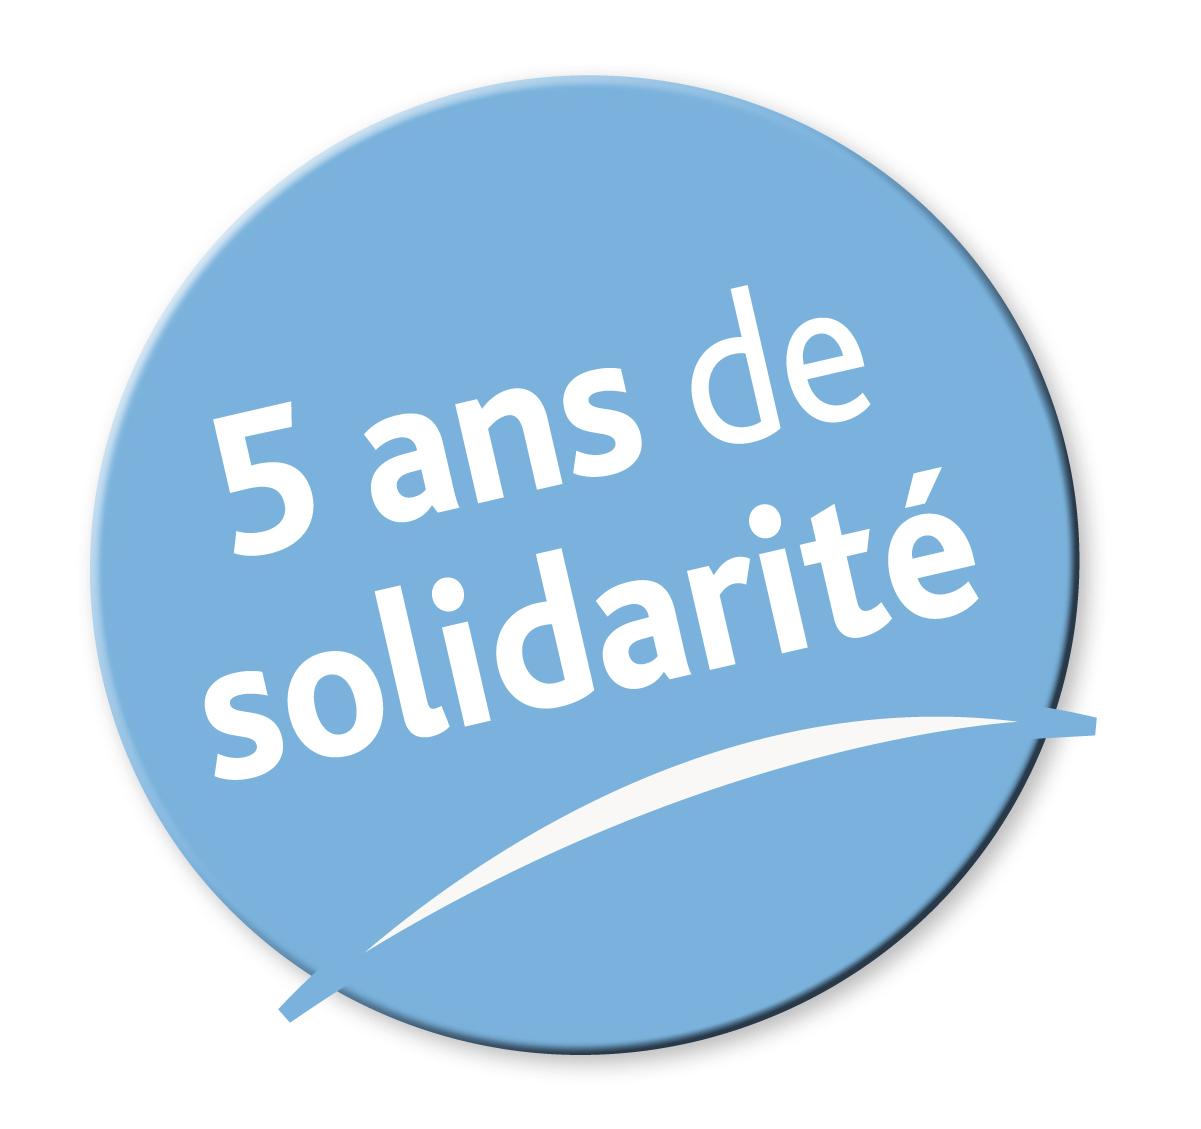 5 ans de solidarité